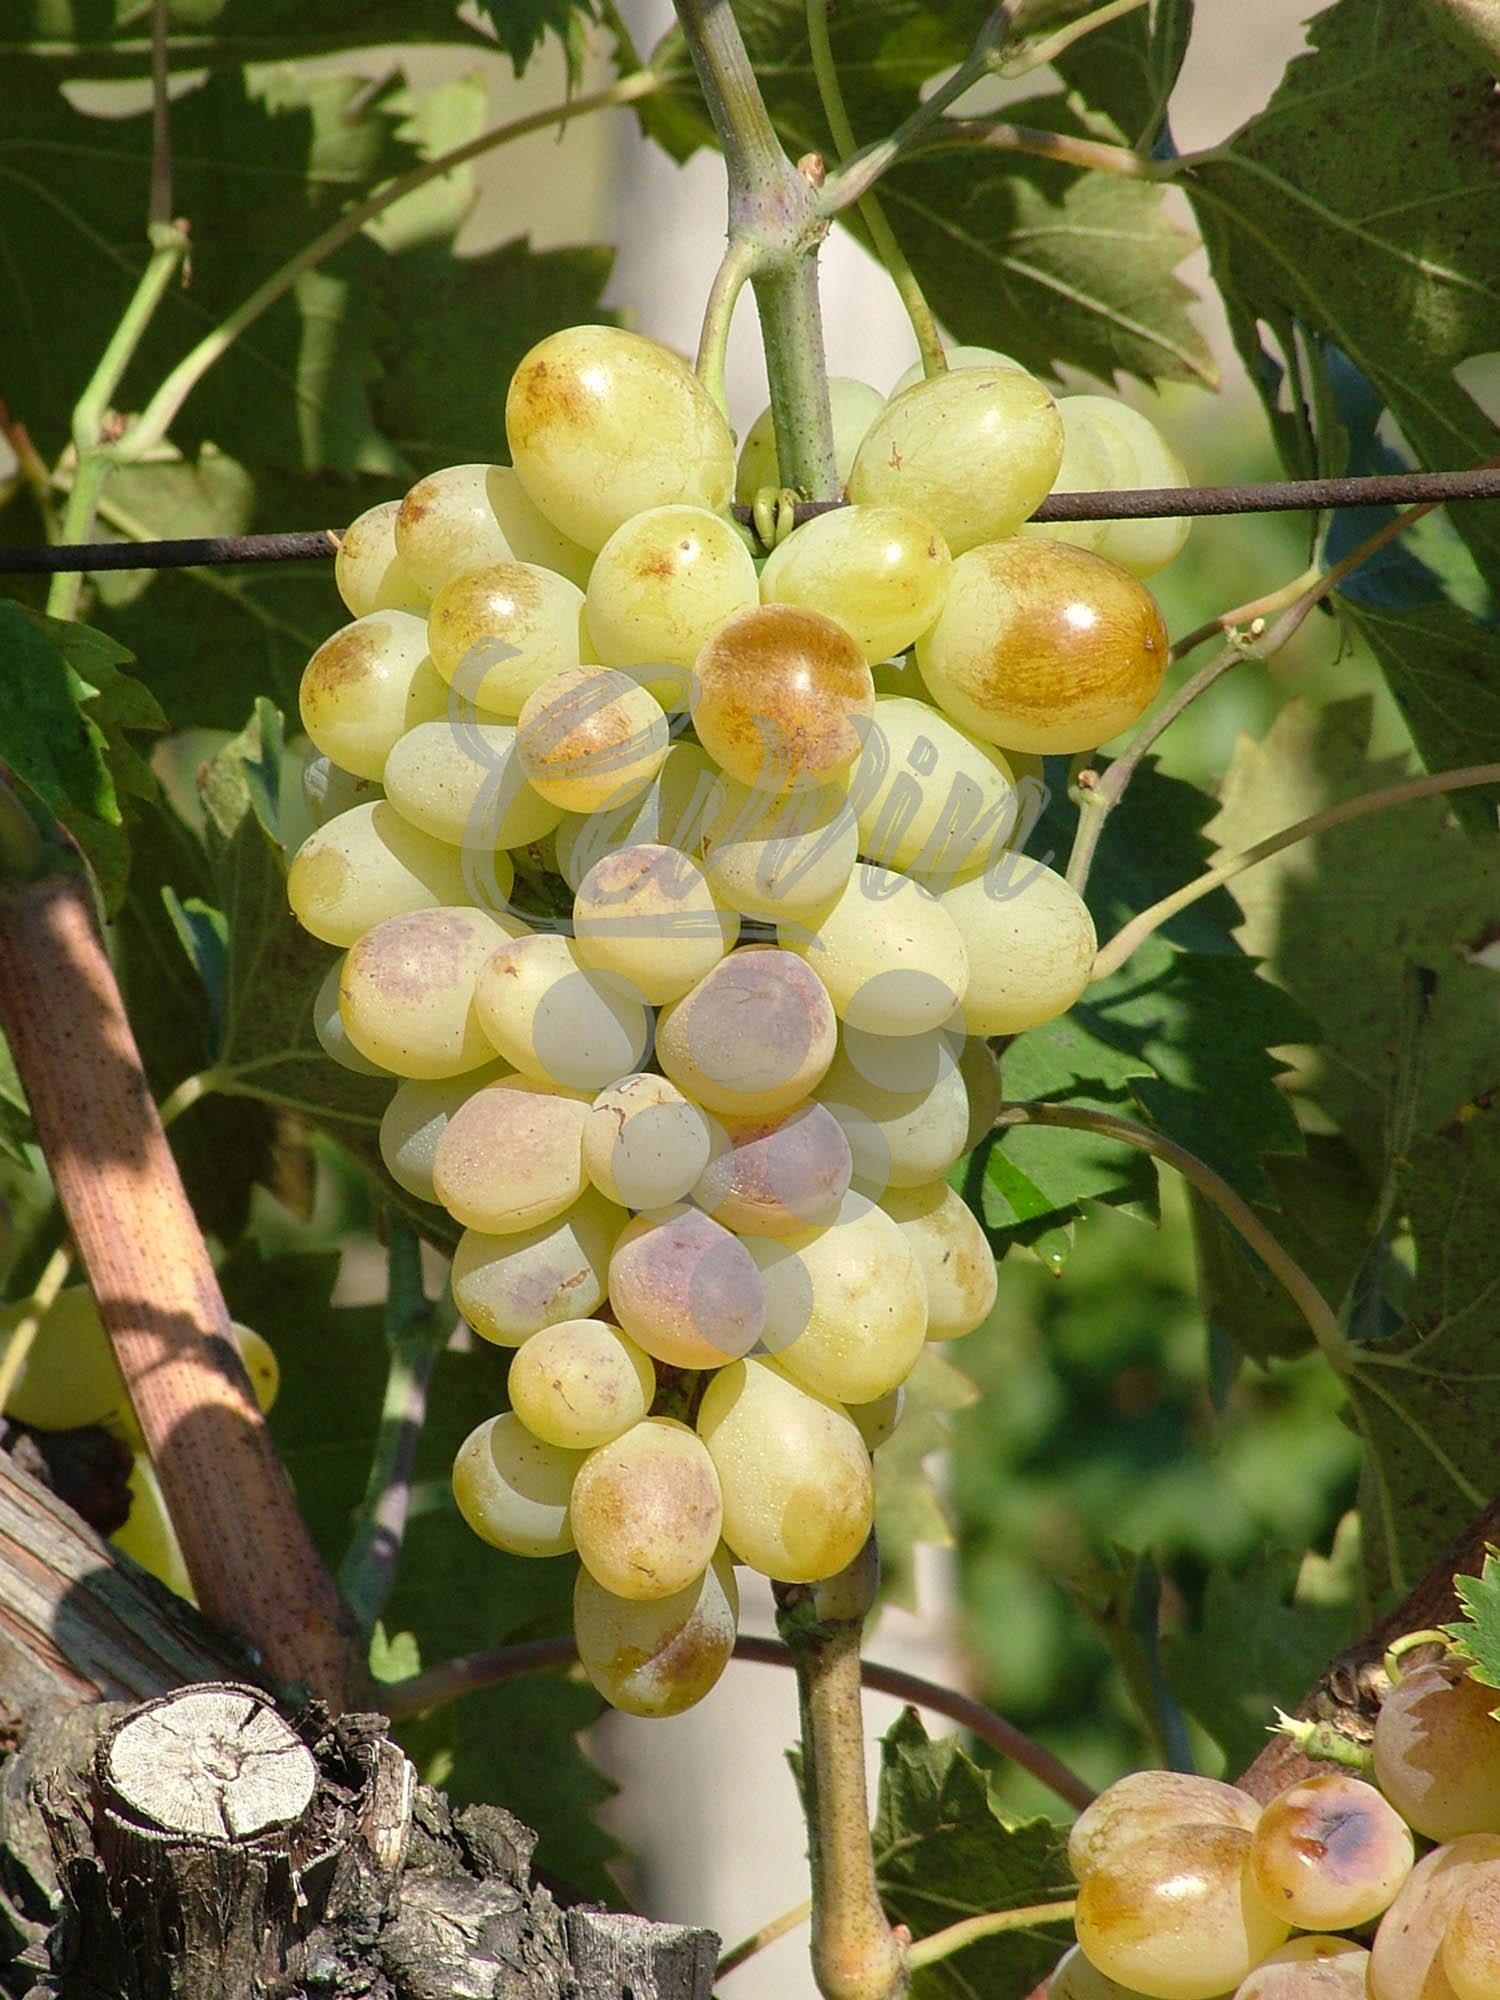 Lasta-grozd